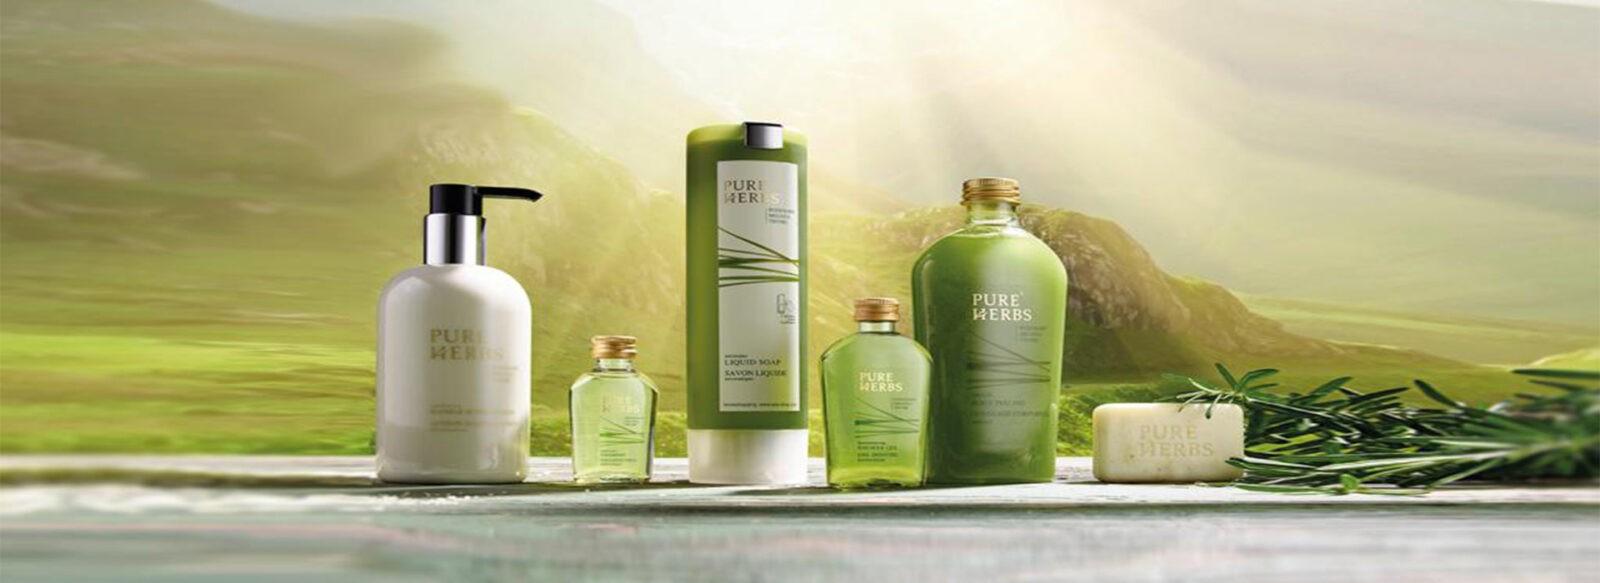 Косметика для гостиниц и отелей (диспенсеры для гостиниц и отелей) Pure Herbs